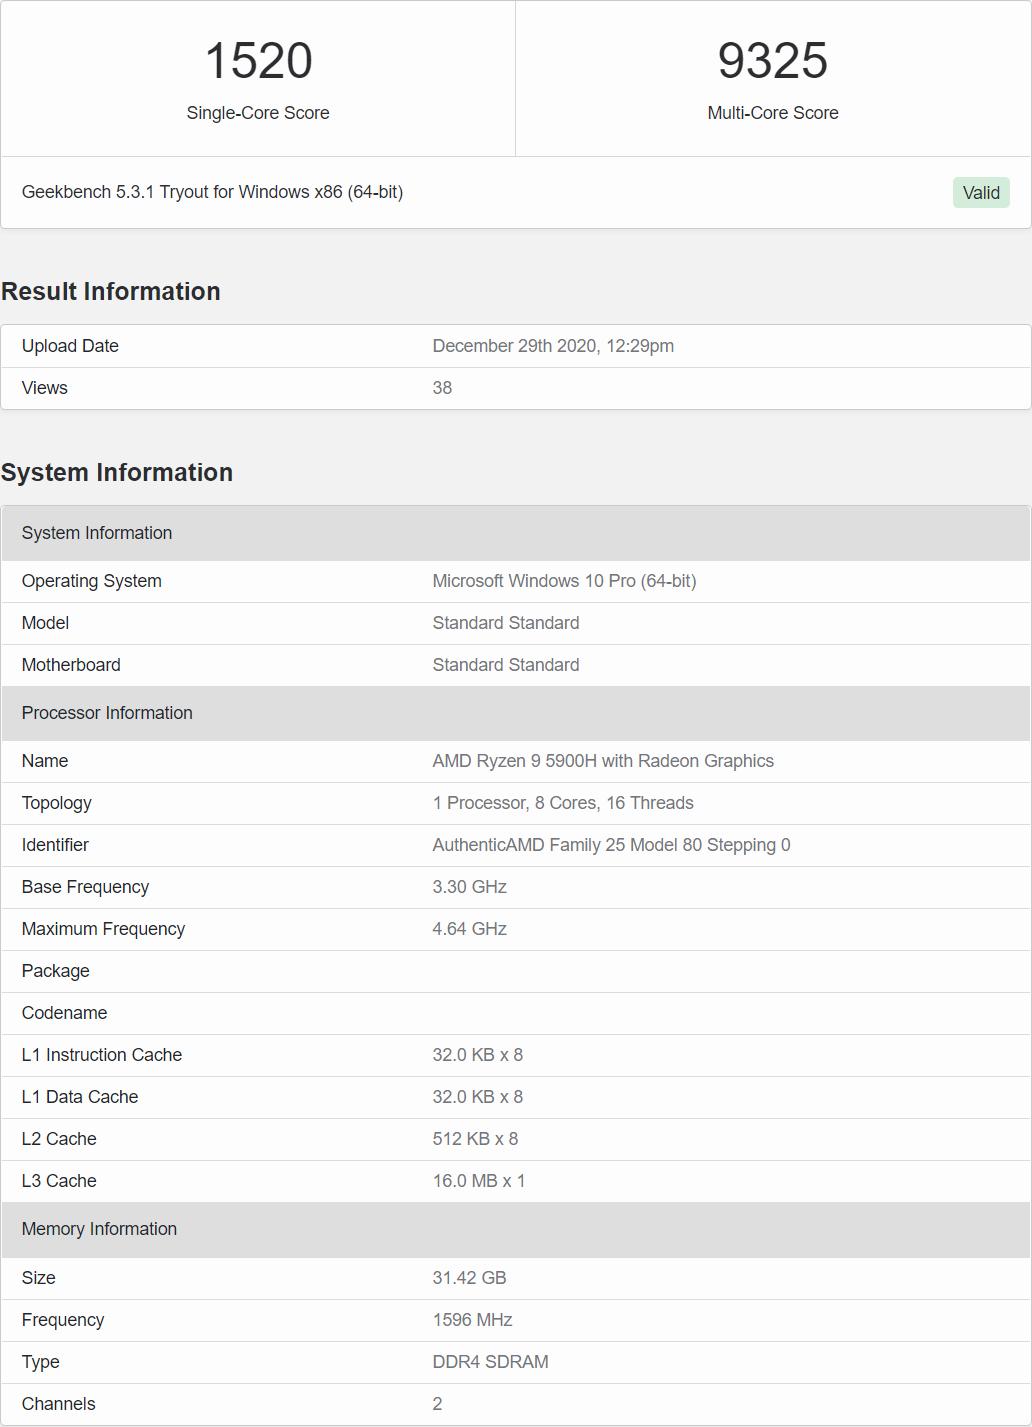 Результаты тестирования AMD Ryzen 9 5900H в Geekbench